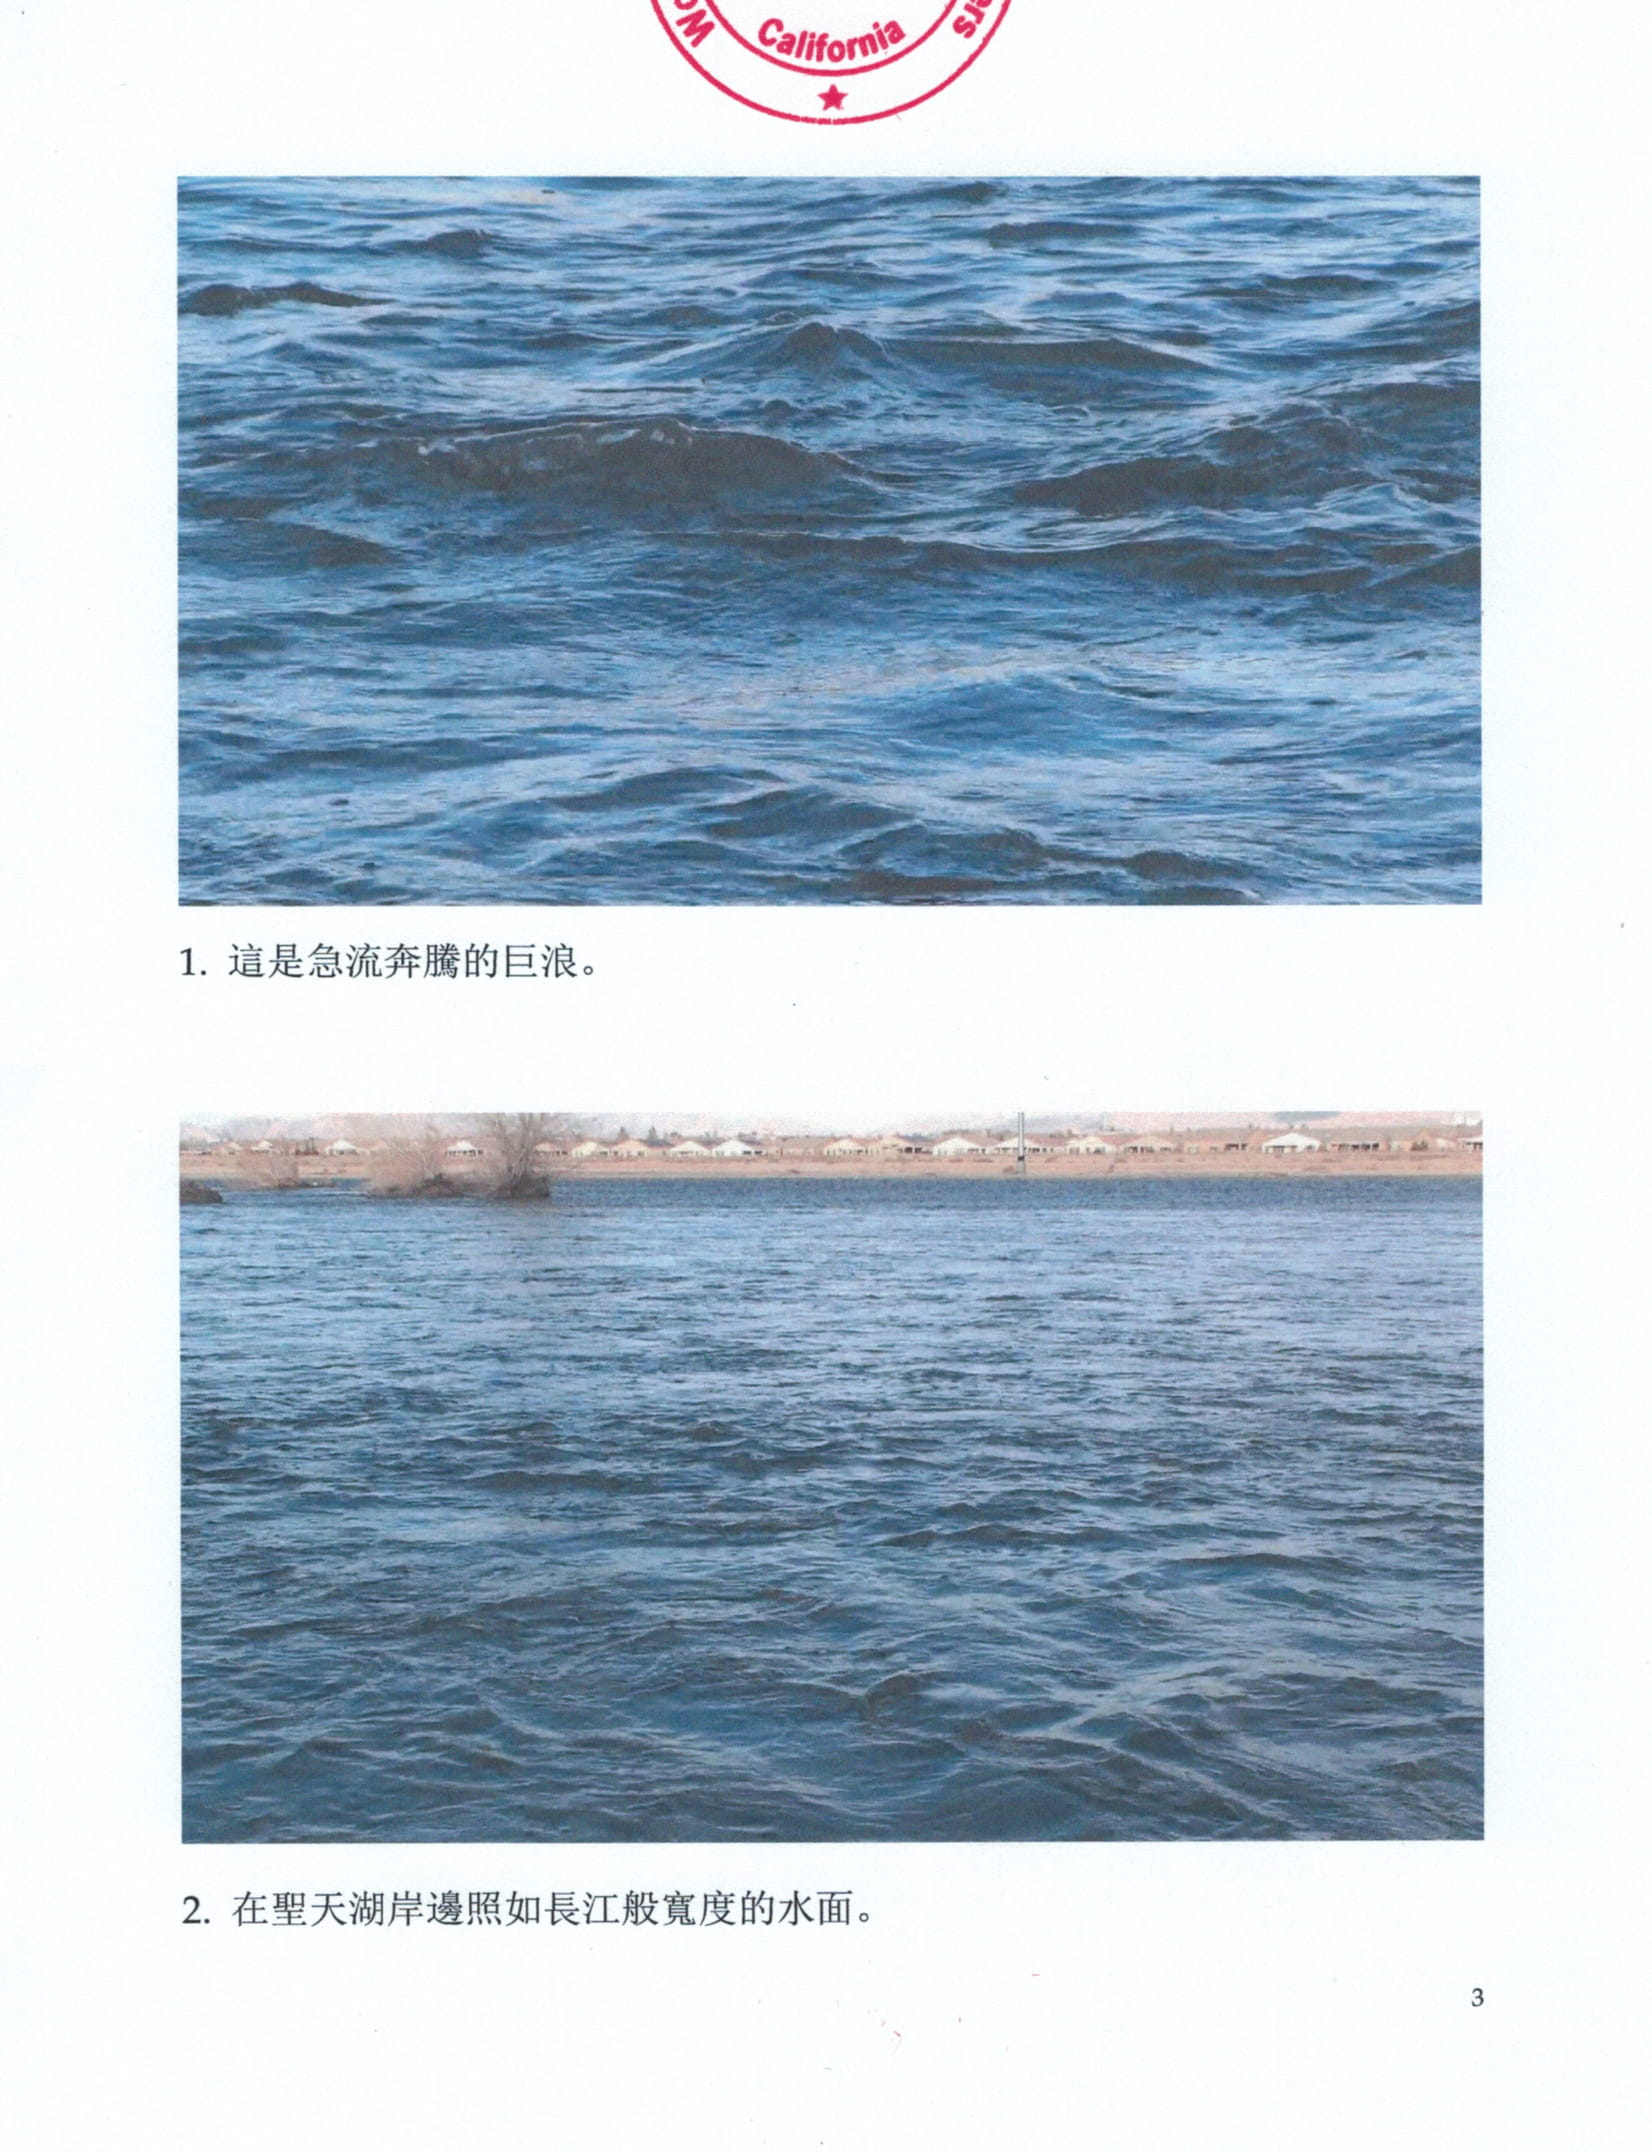 世界佛教總部公告(公告字第20190102號)– 巨大聖蹟昨天在將建立的佛教城聖天湖上展示3